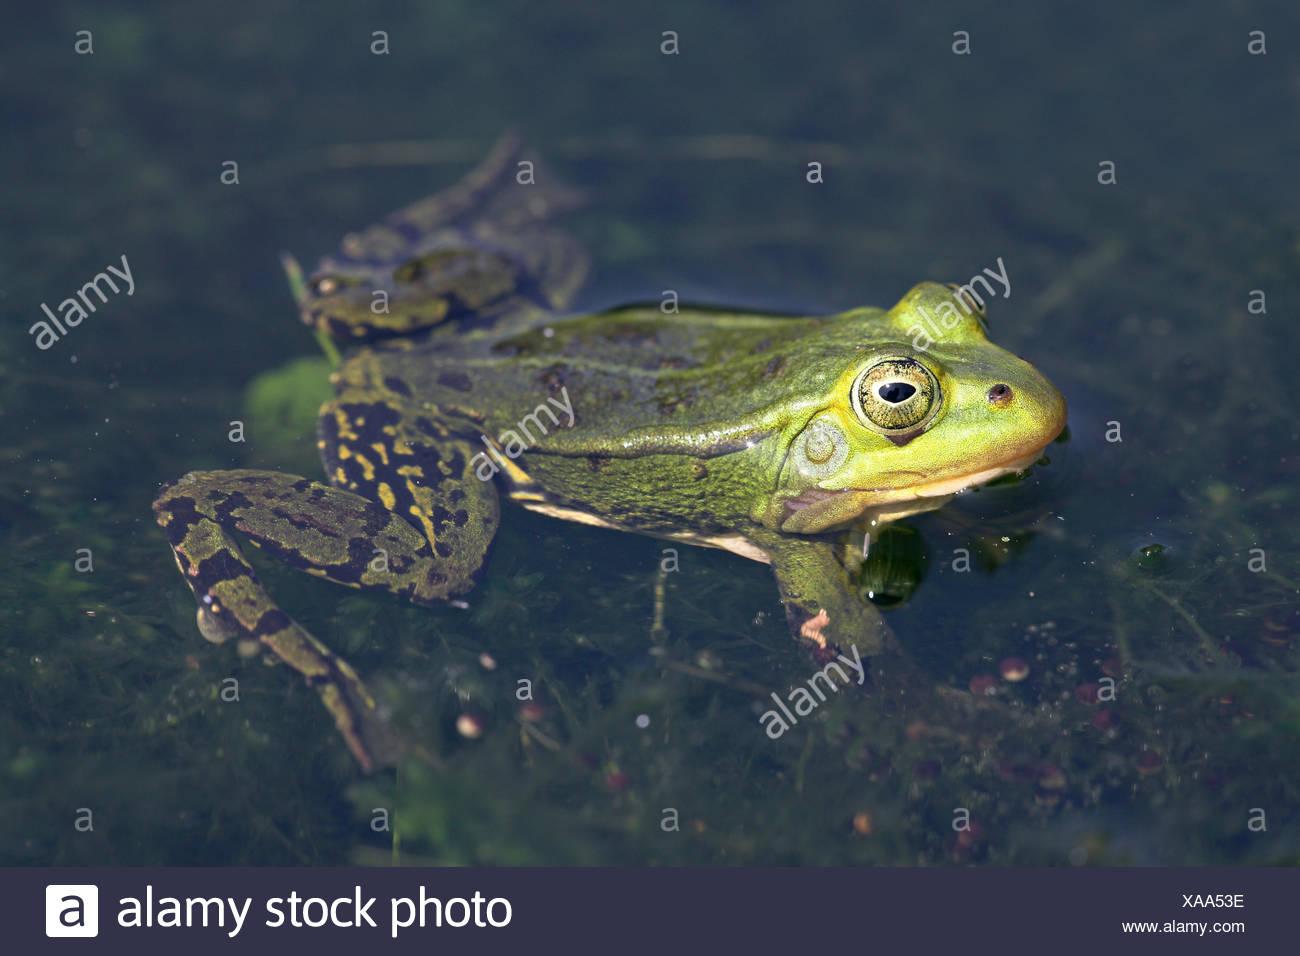 Mâle jaune grenouille piscine pendant la saison de reproduction Banque D'Images